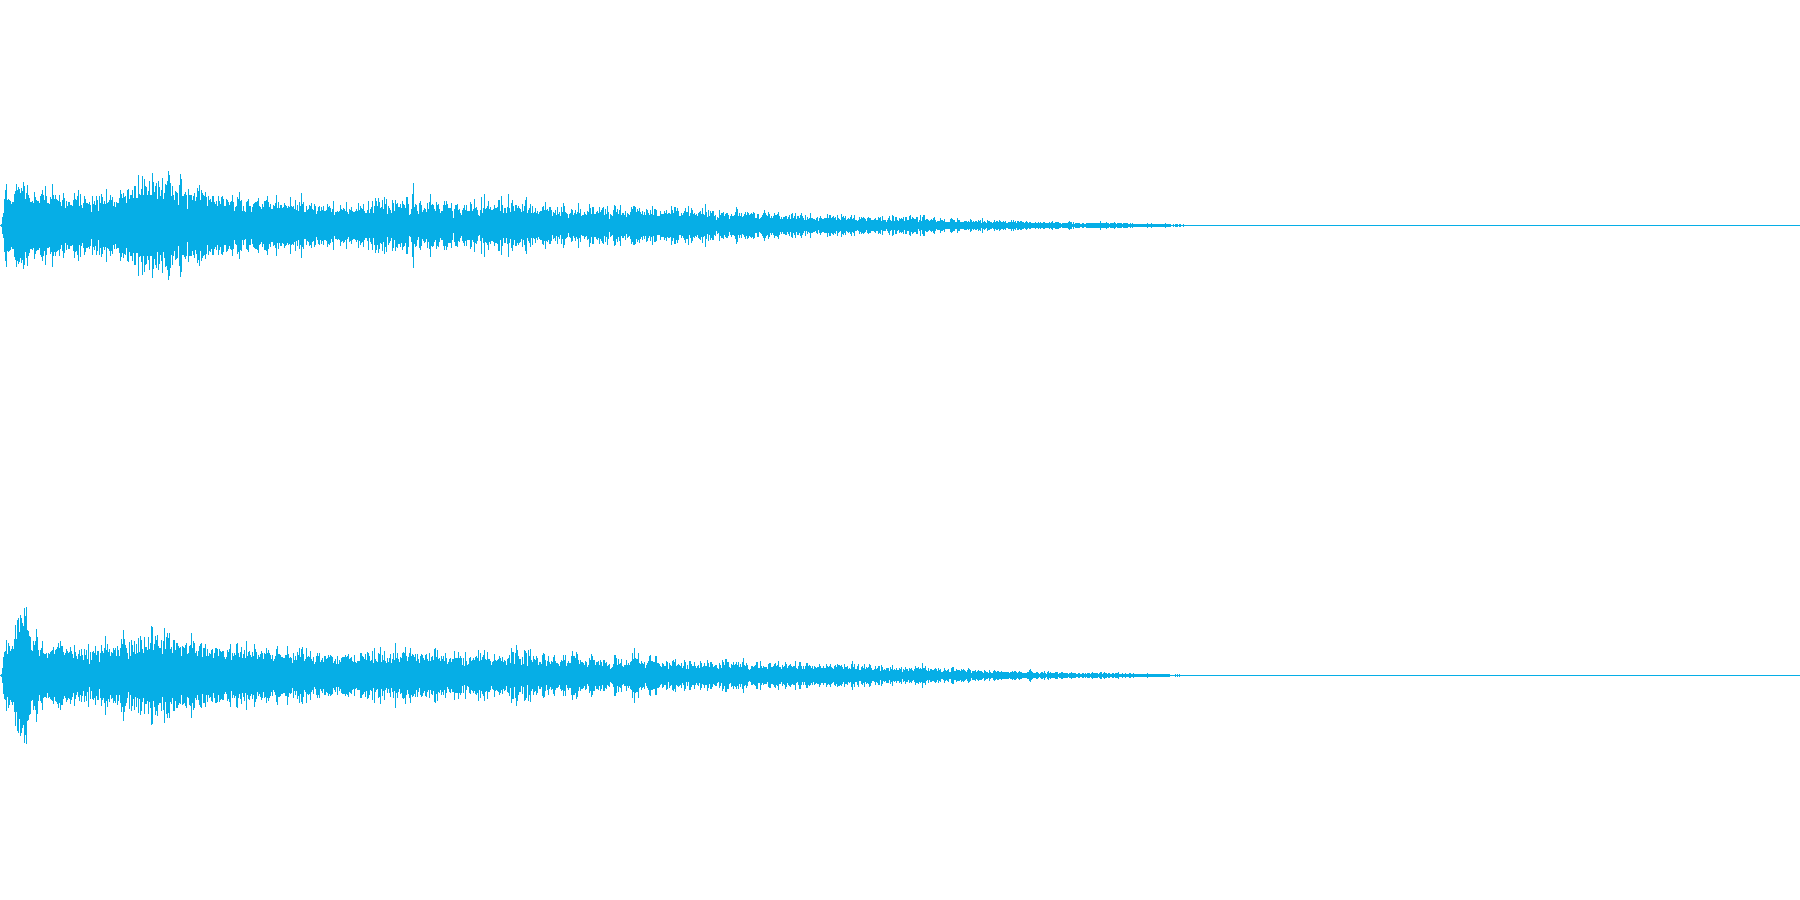 C♯メジャー インパクト音 衝撃音の再生済みの波形